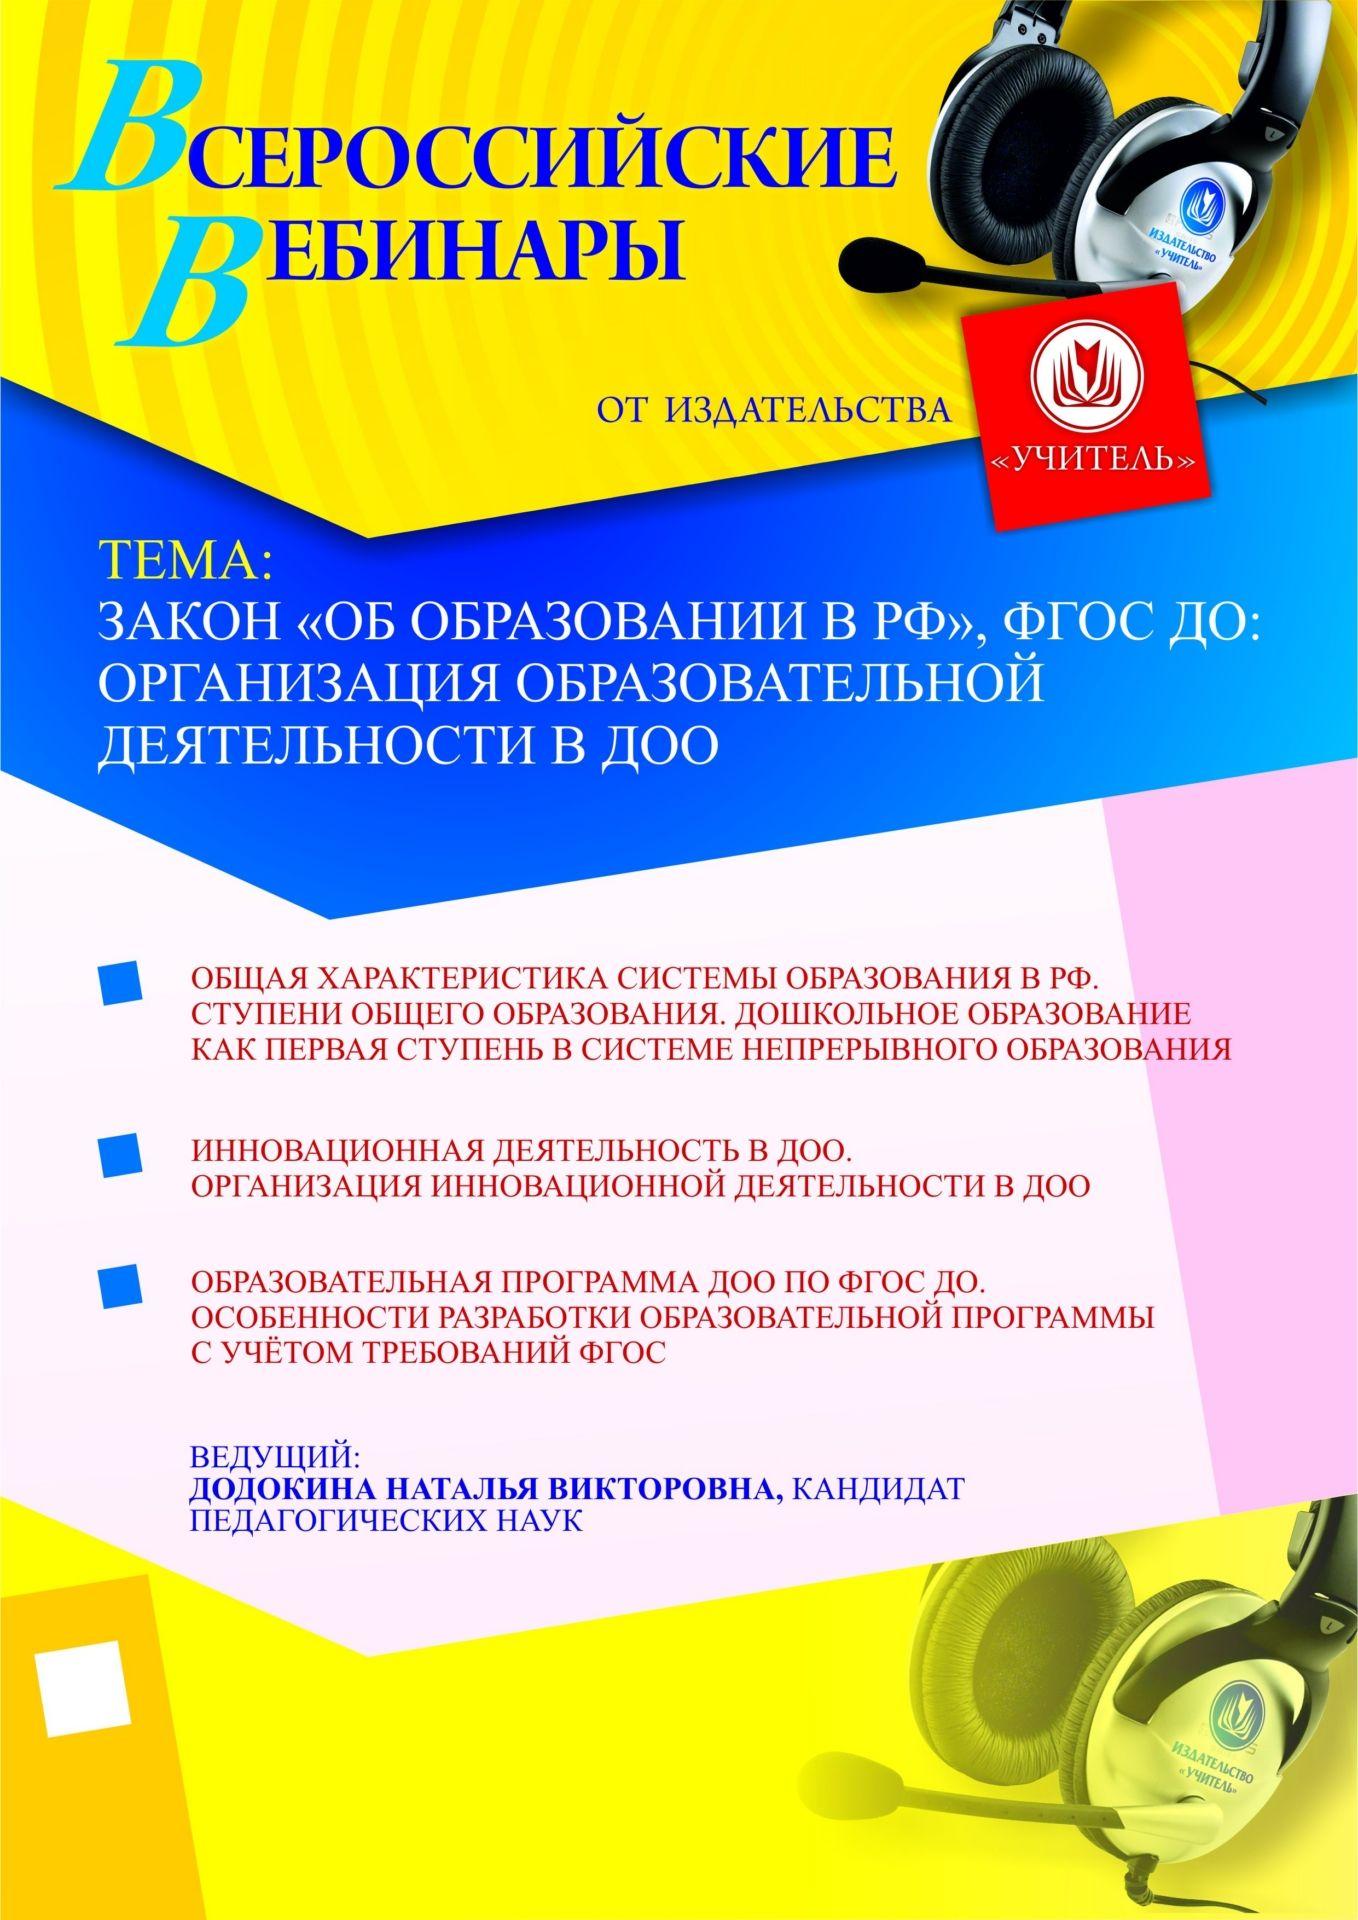 Закон «Об образовании в РФ», ФГОС ДО: организация образовательной деятельности в ДОО фото